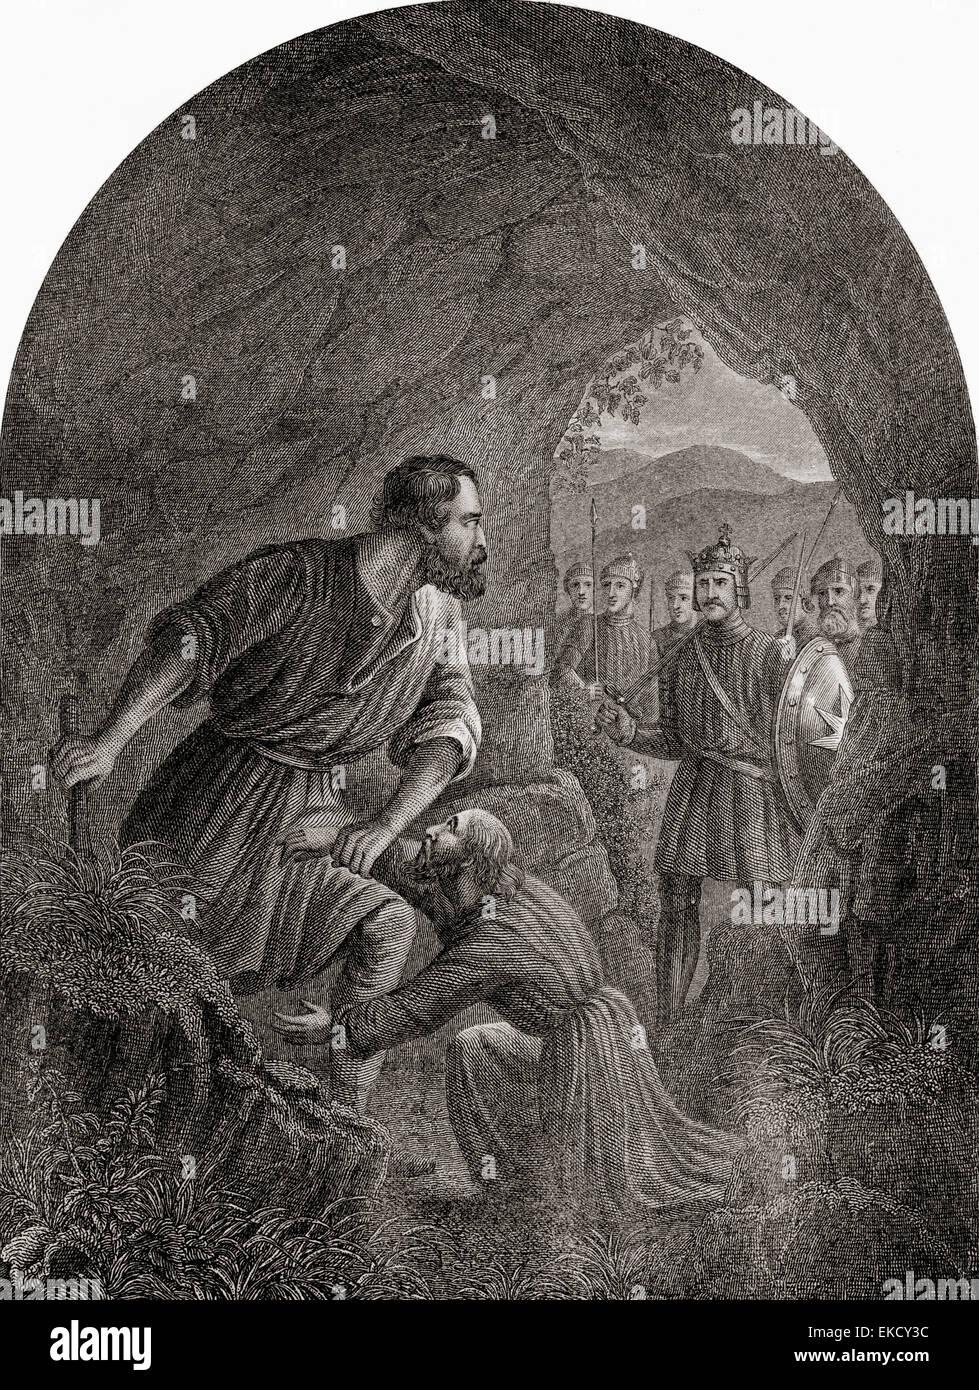 Riese Grim und schwachen Geist.  Von der Pilgerreise von John Bunyan. Stockbild